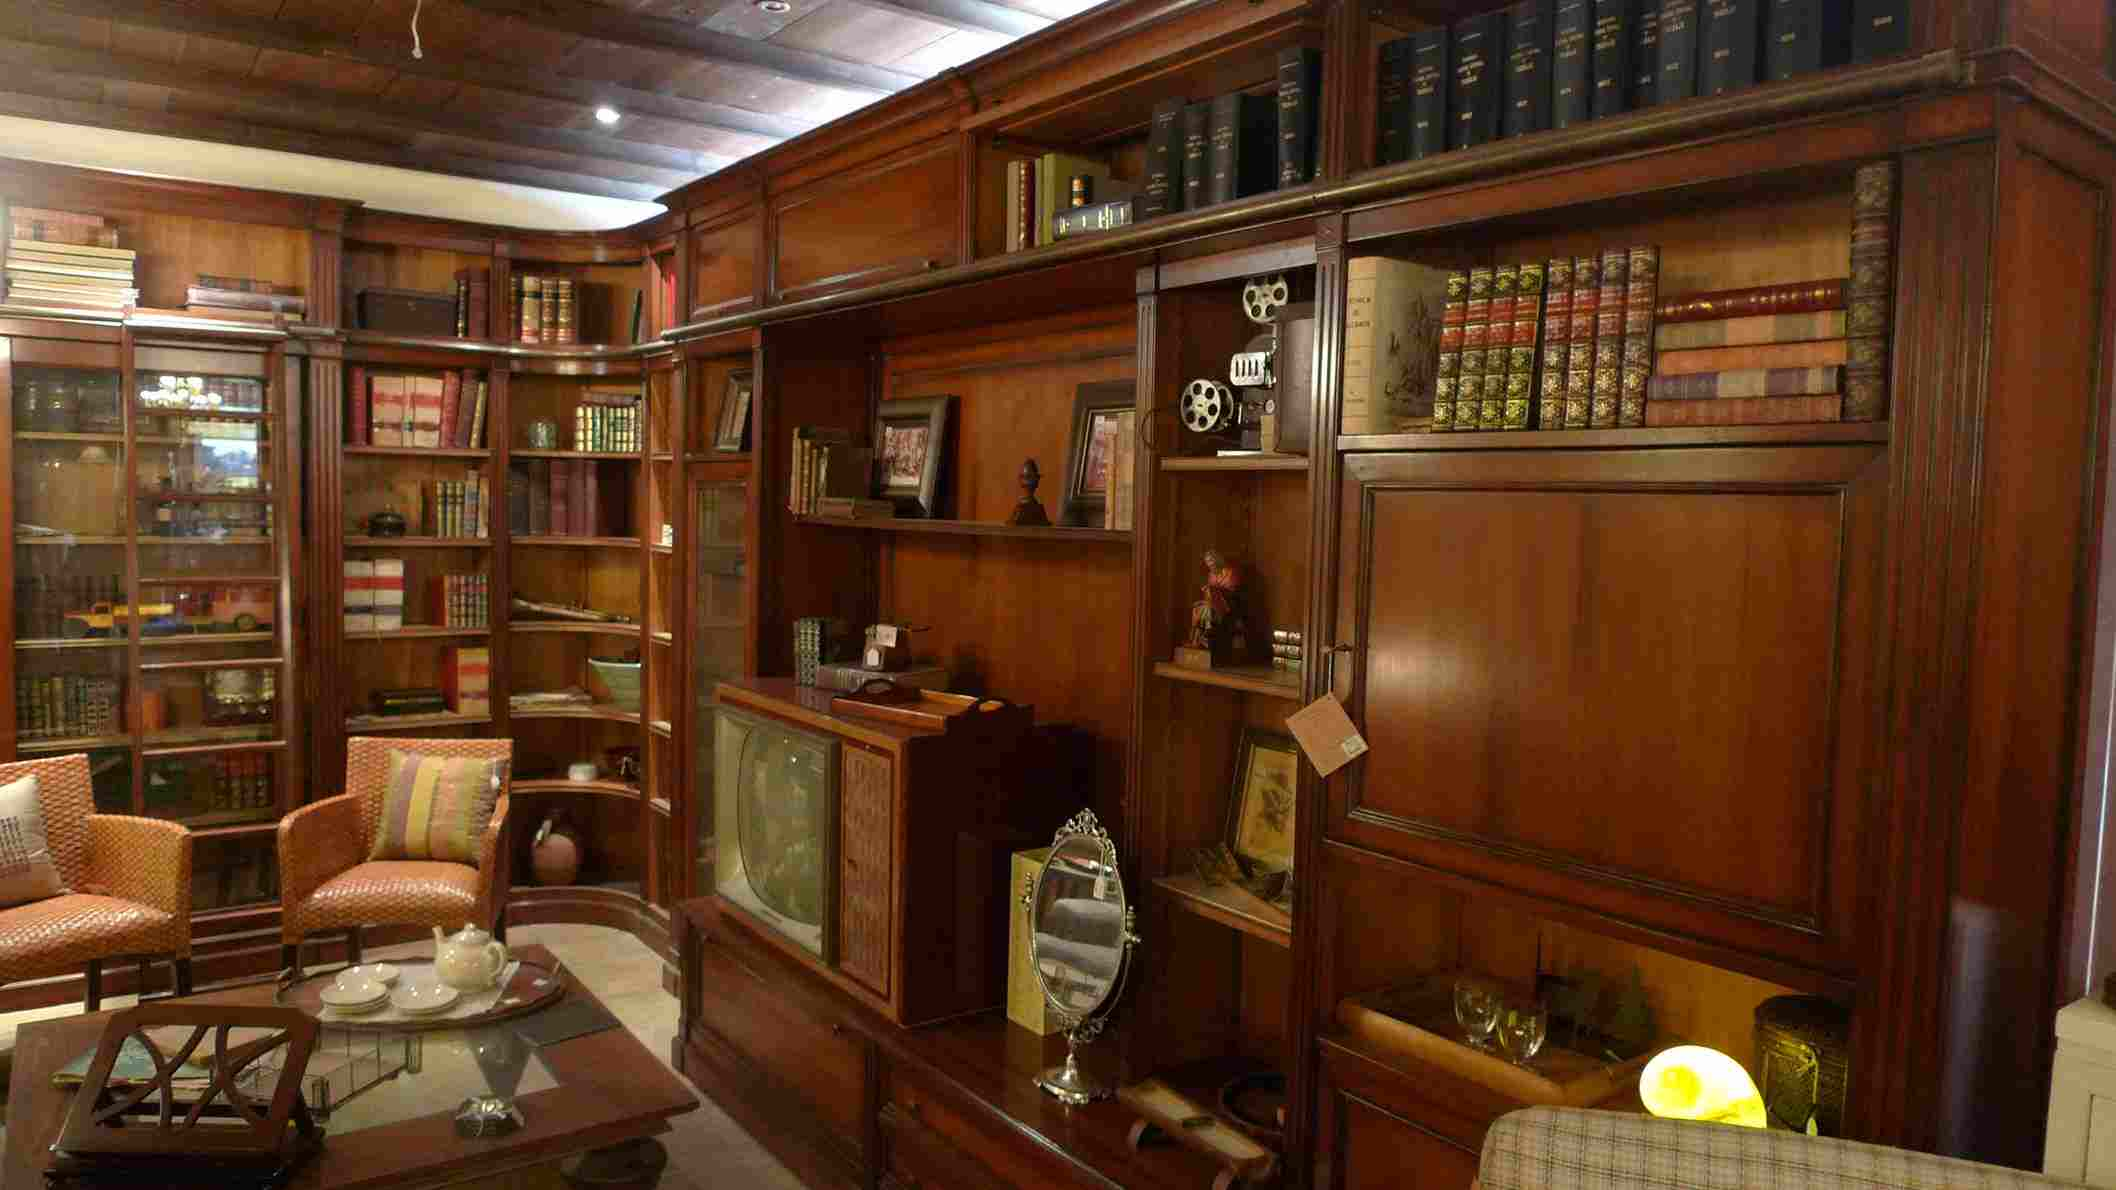 Tiendas De Muebles En Granada Tiendas De Muebles En Granada With  # Muebles Rastro Granada